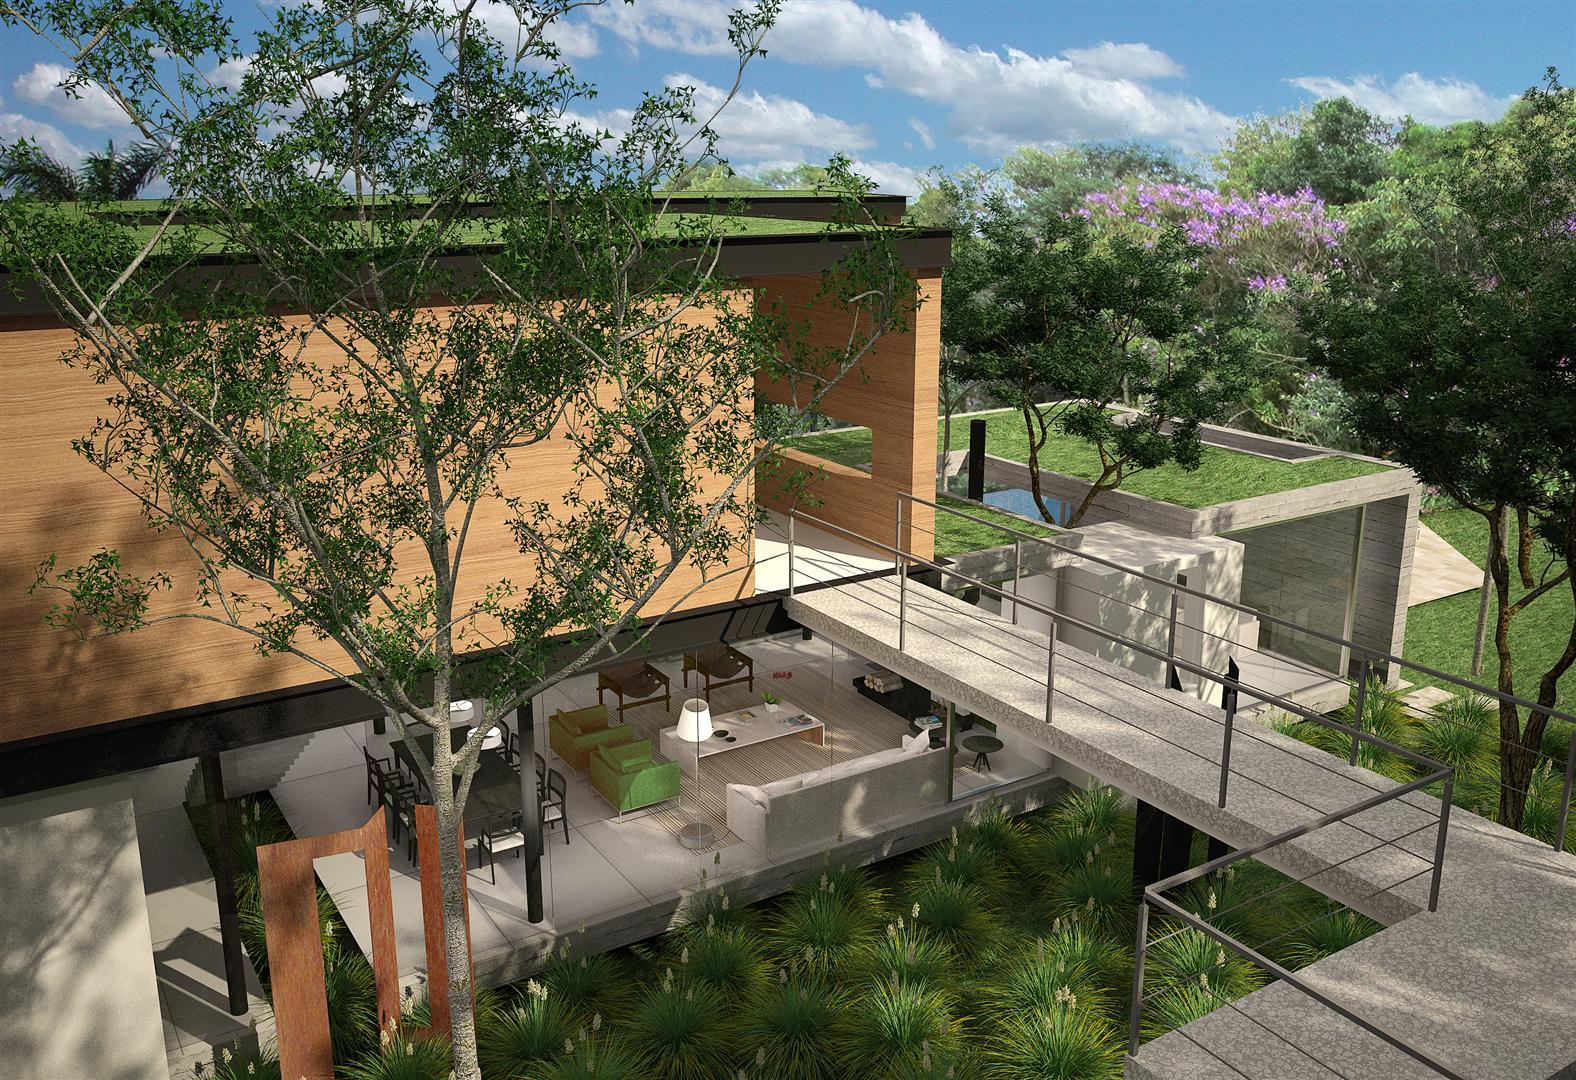 Projetos Casas - Dicas Grátis de Como Criar ou Fazer Coisas